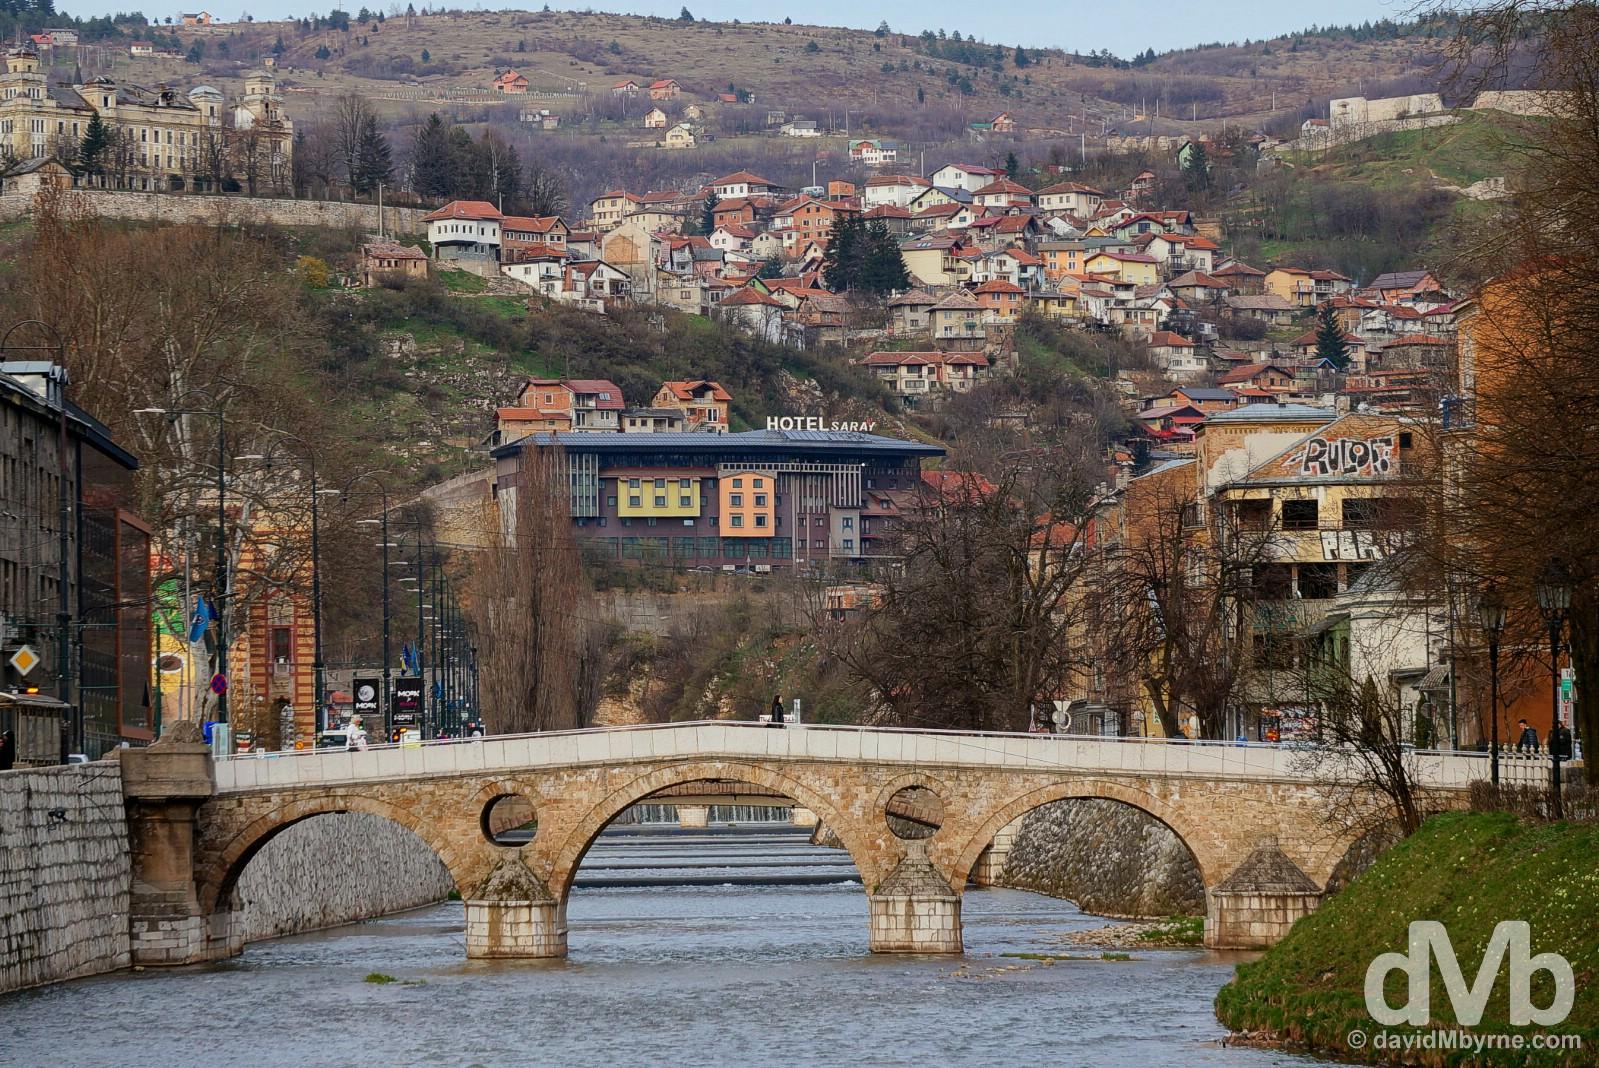 The Latin Bridge crossing the Miljacka River in Sarajevo, Bosnia and Herzegovina. April 4, 2015.